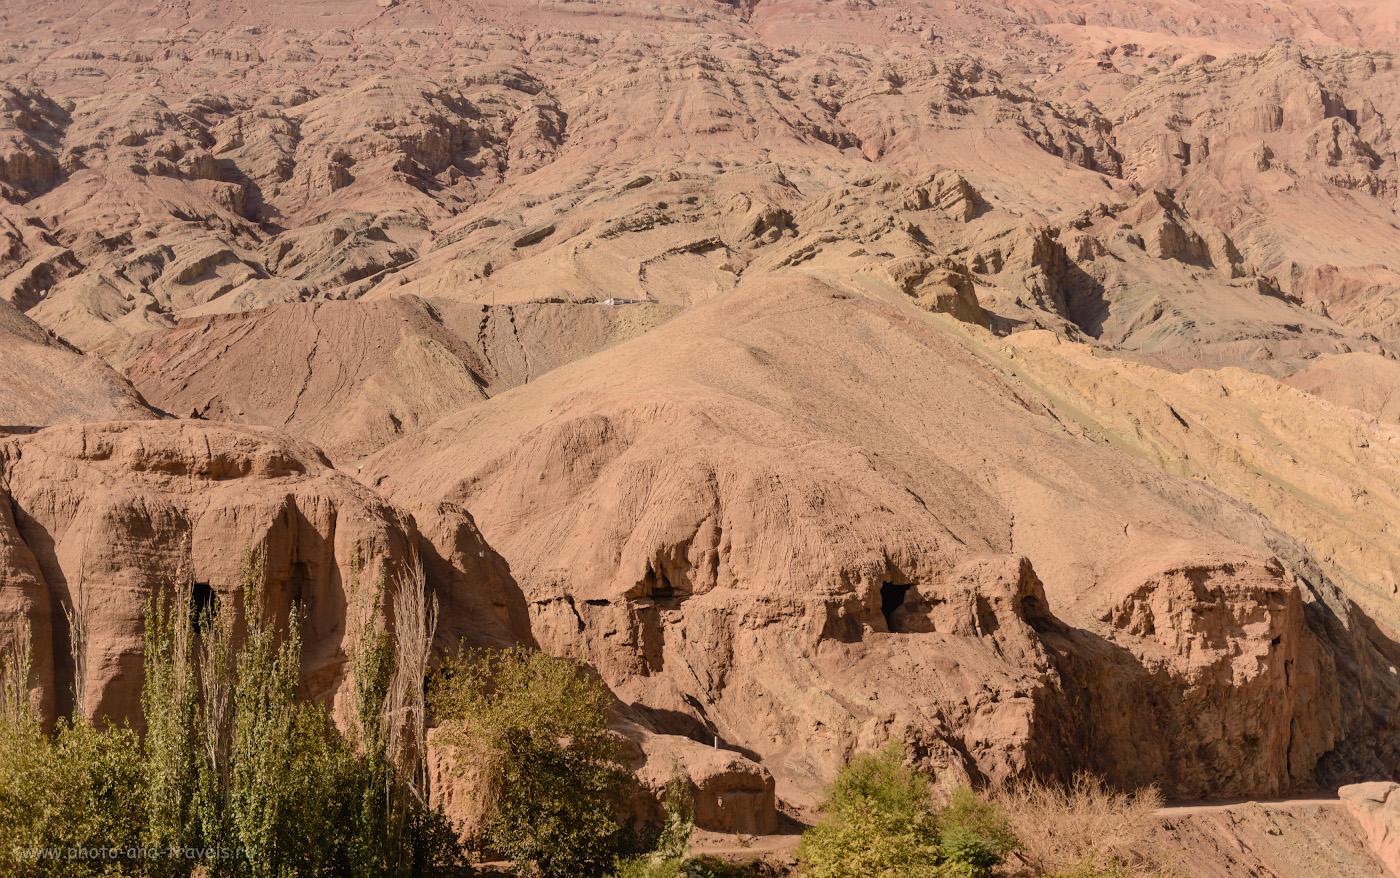 Фотография 17. Пещеры в поселке Туюк-мазар. Отзывы об экскурсии в Турфане. Поездка в Китай. 1/2500, 2.8, 100, 52.